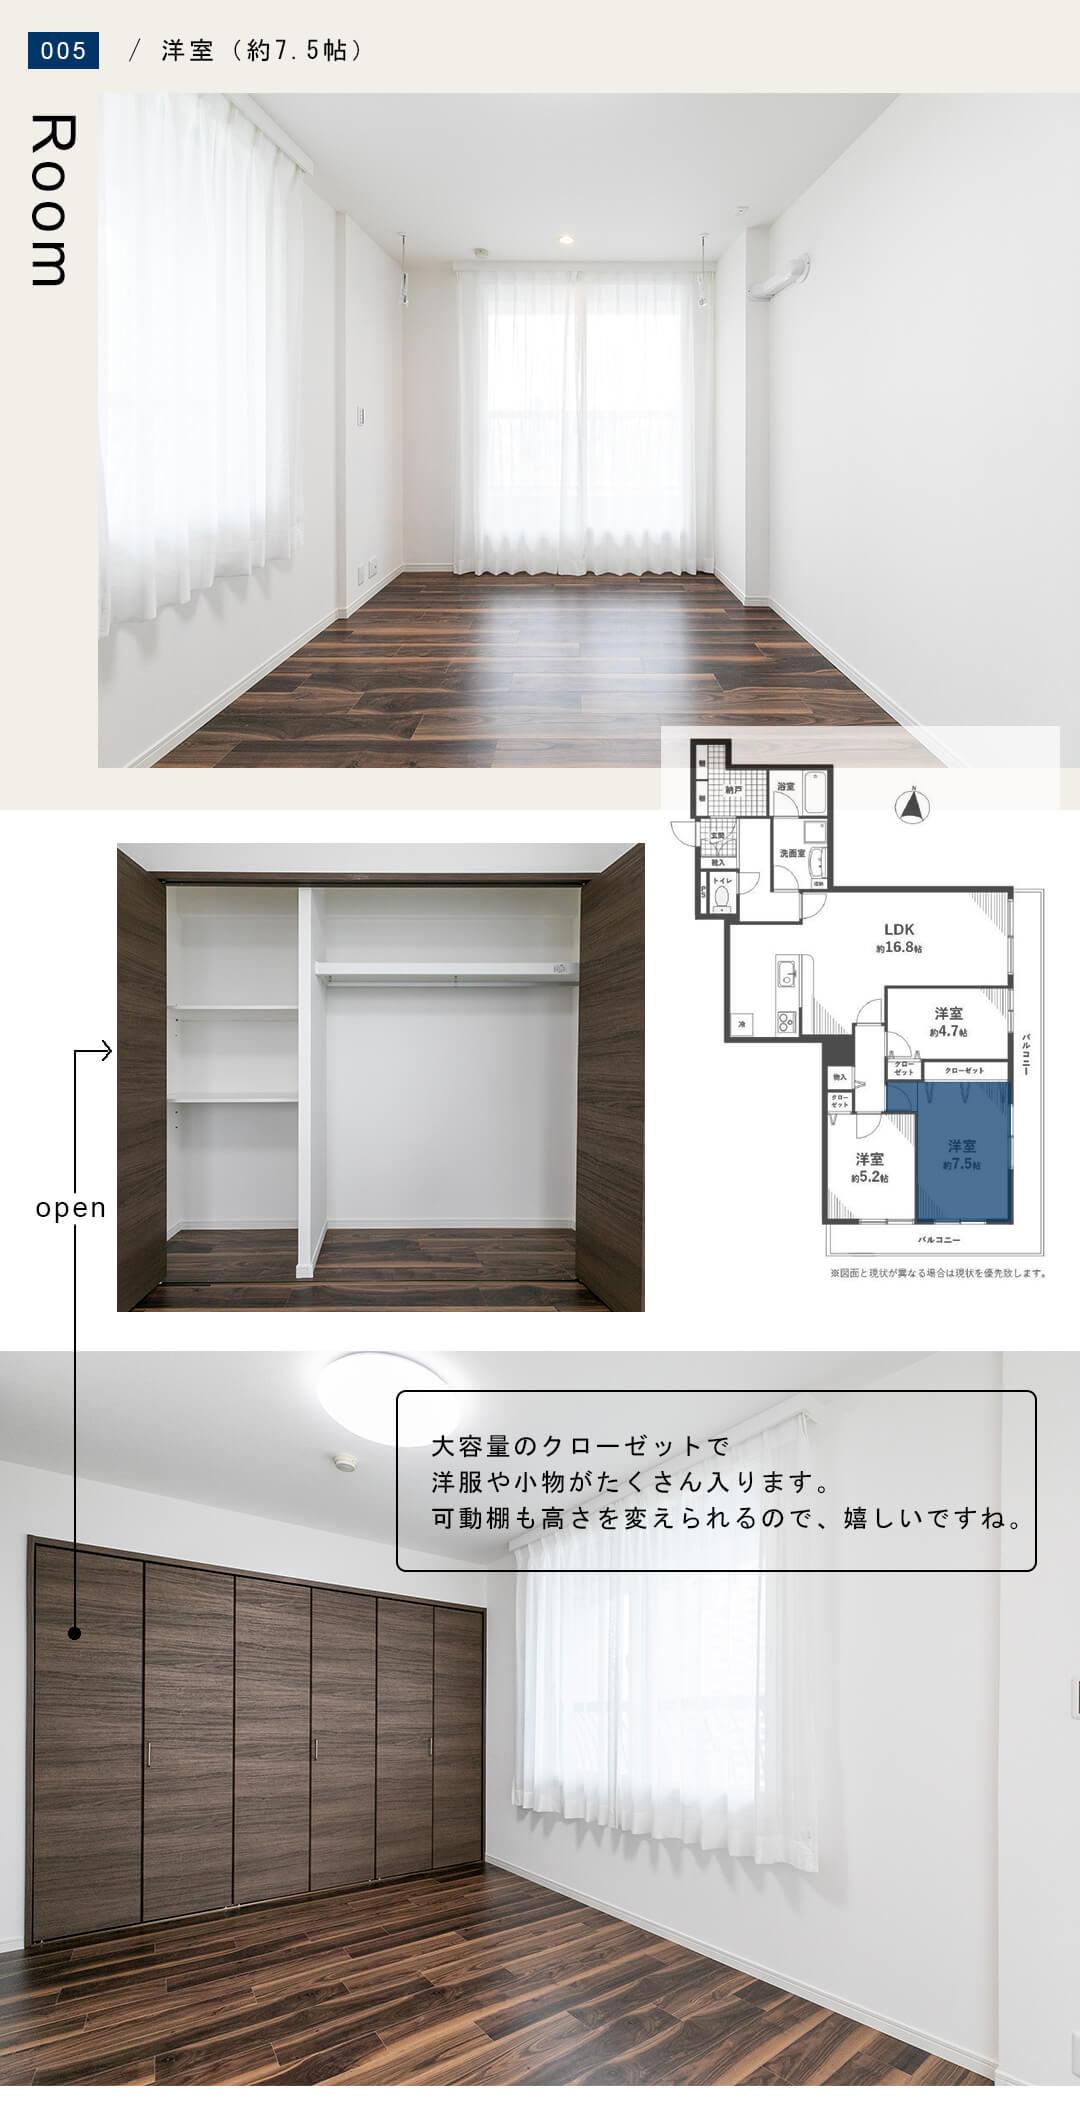 西戸山タワーホウムズノースタワー 1503の洋室(7.5帖)